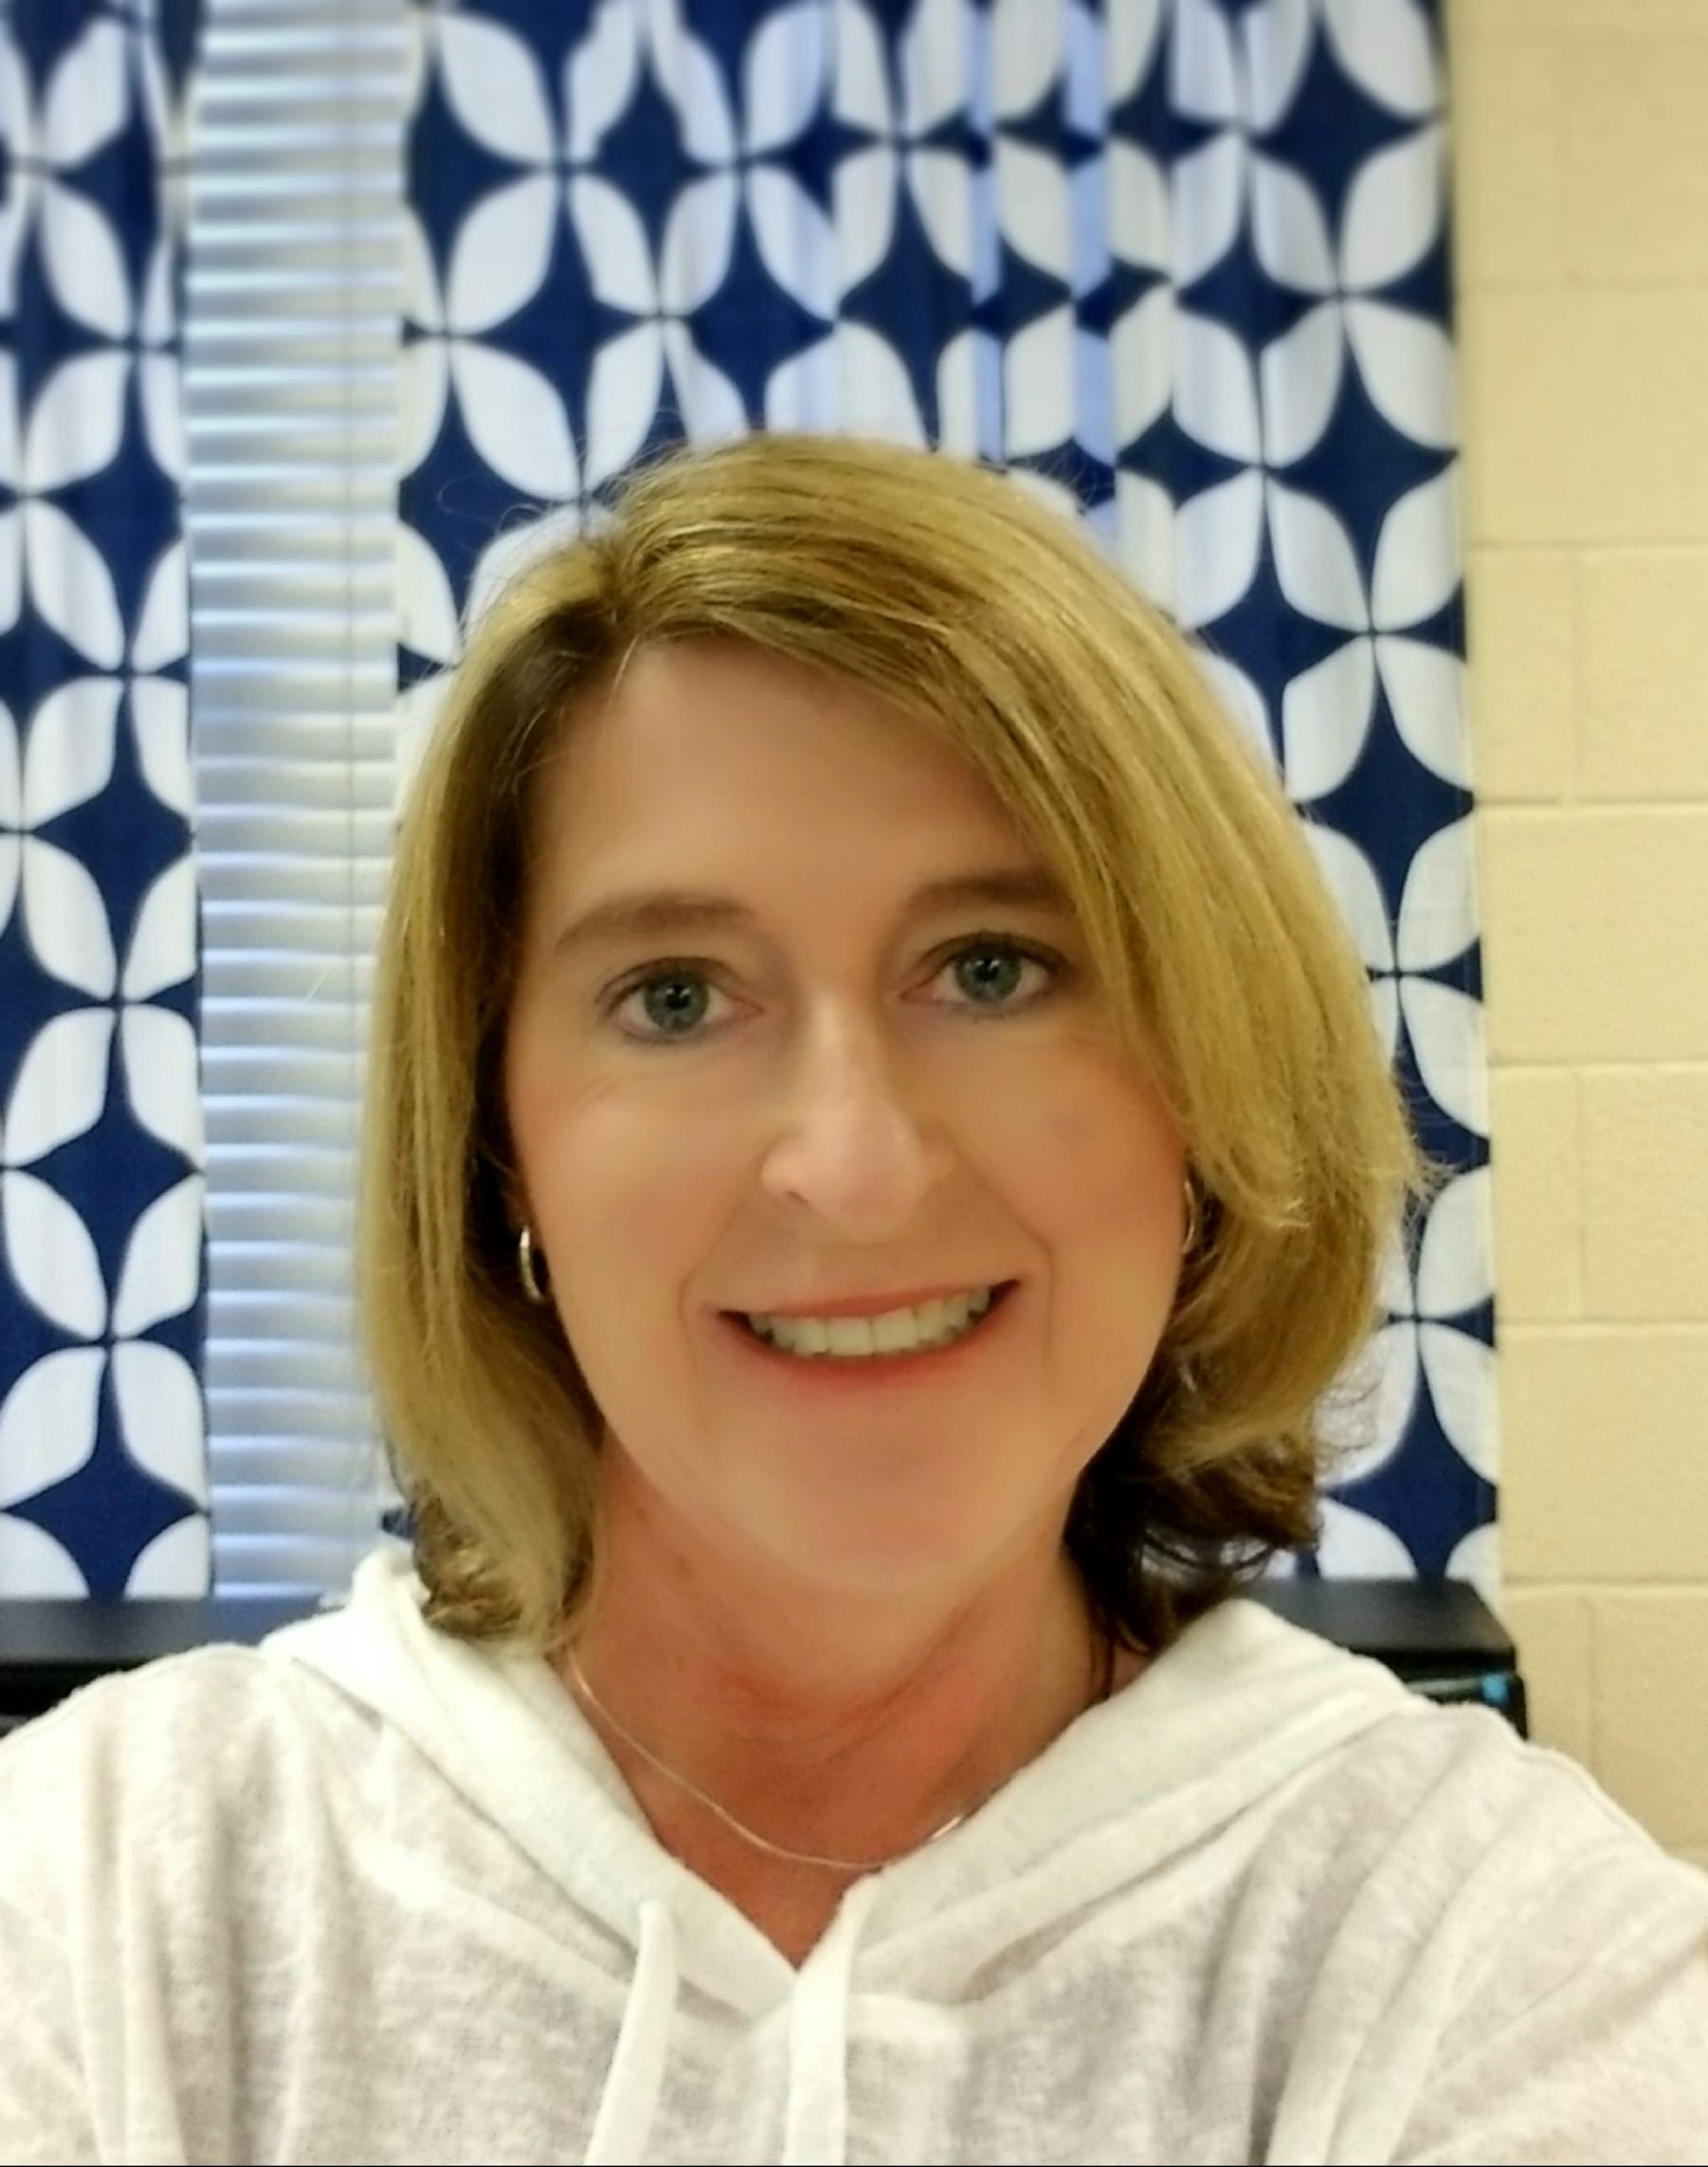 Mrs. Heinze